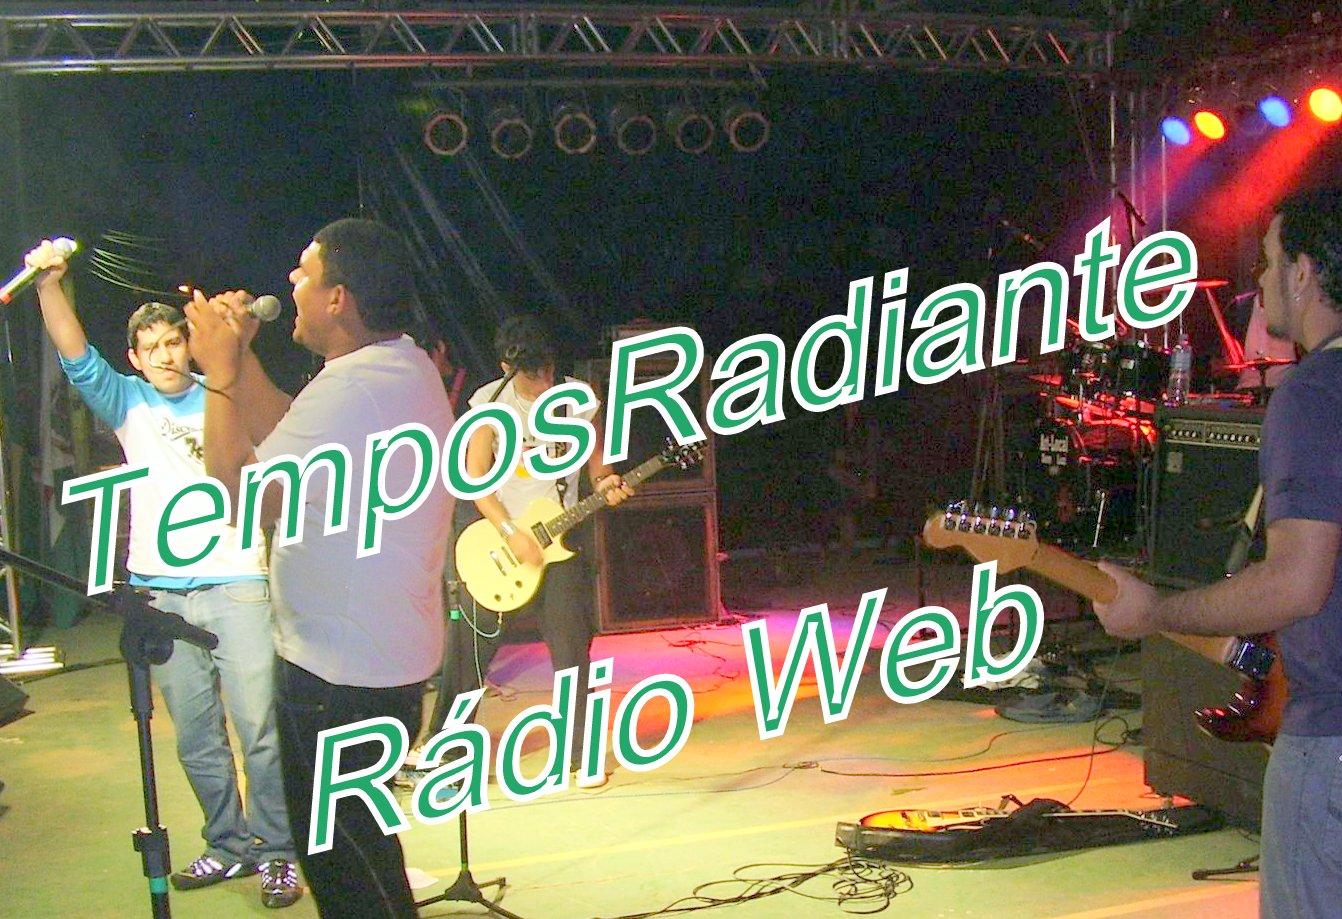 VISITE O SITE DE TEMPOS RADIANTE, a rádio web